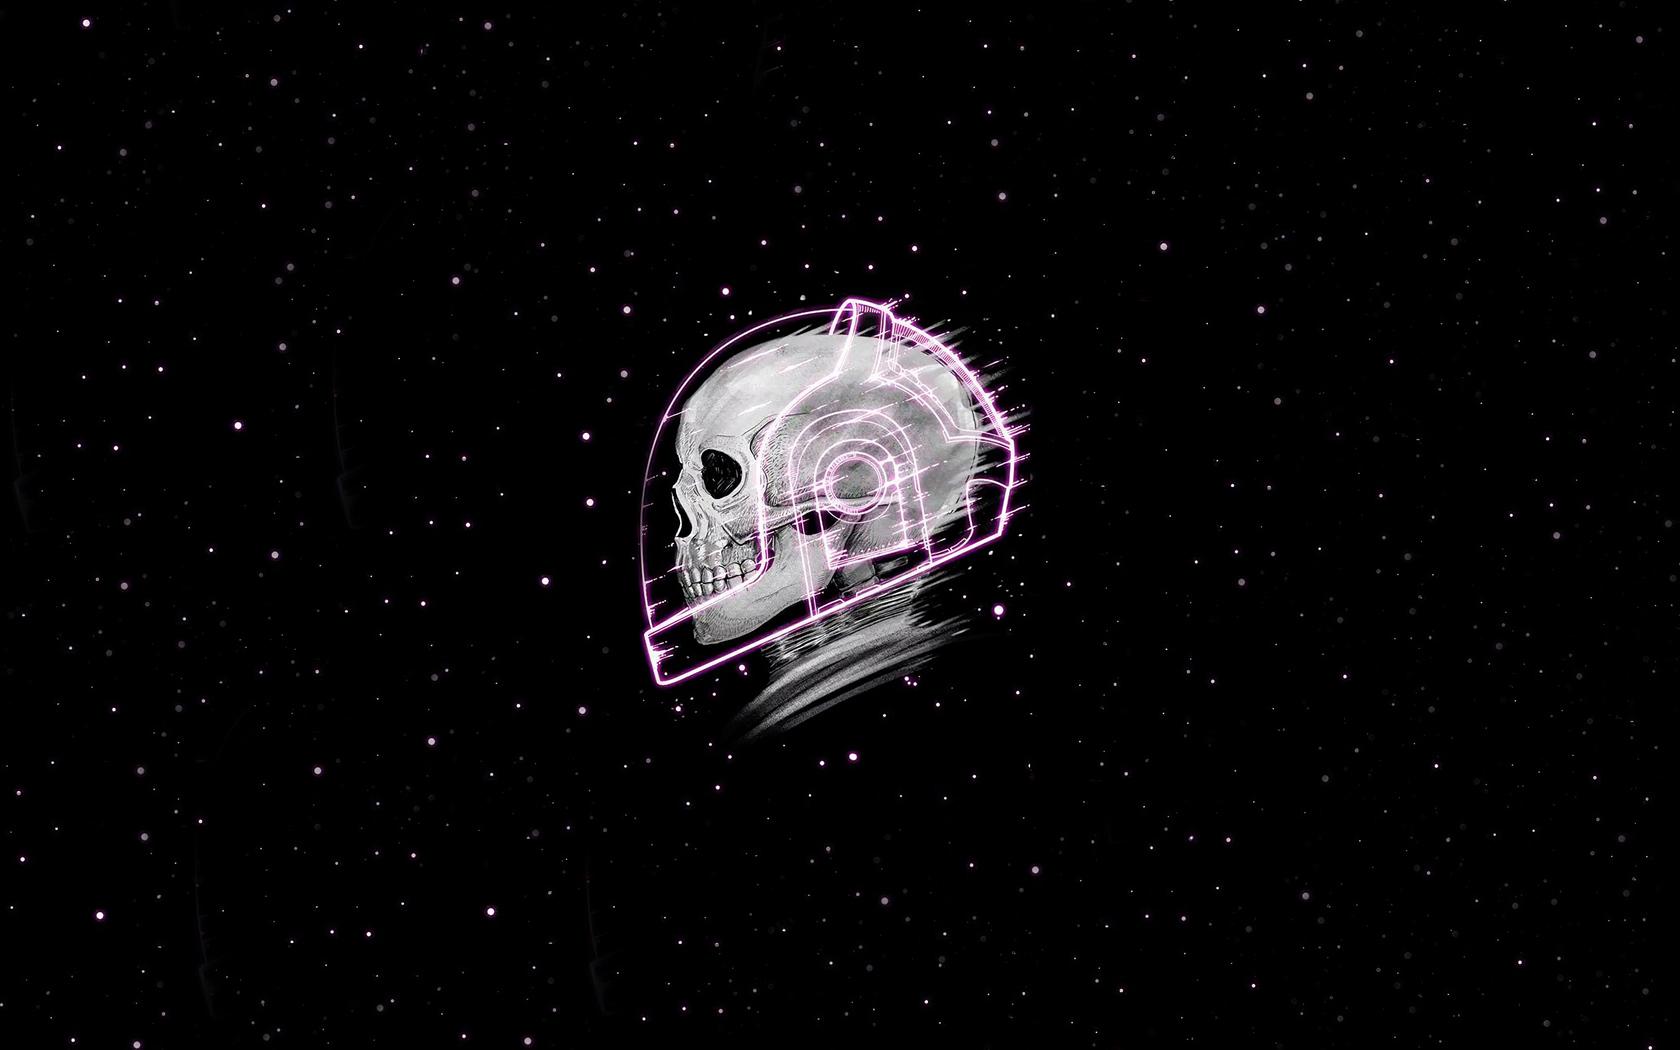 skull-stars-4k-lh.jpg